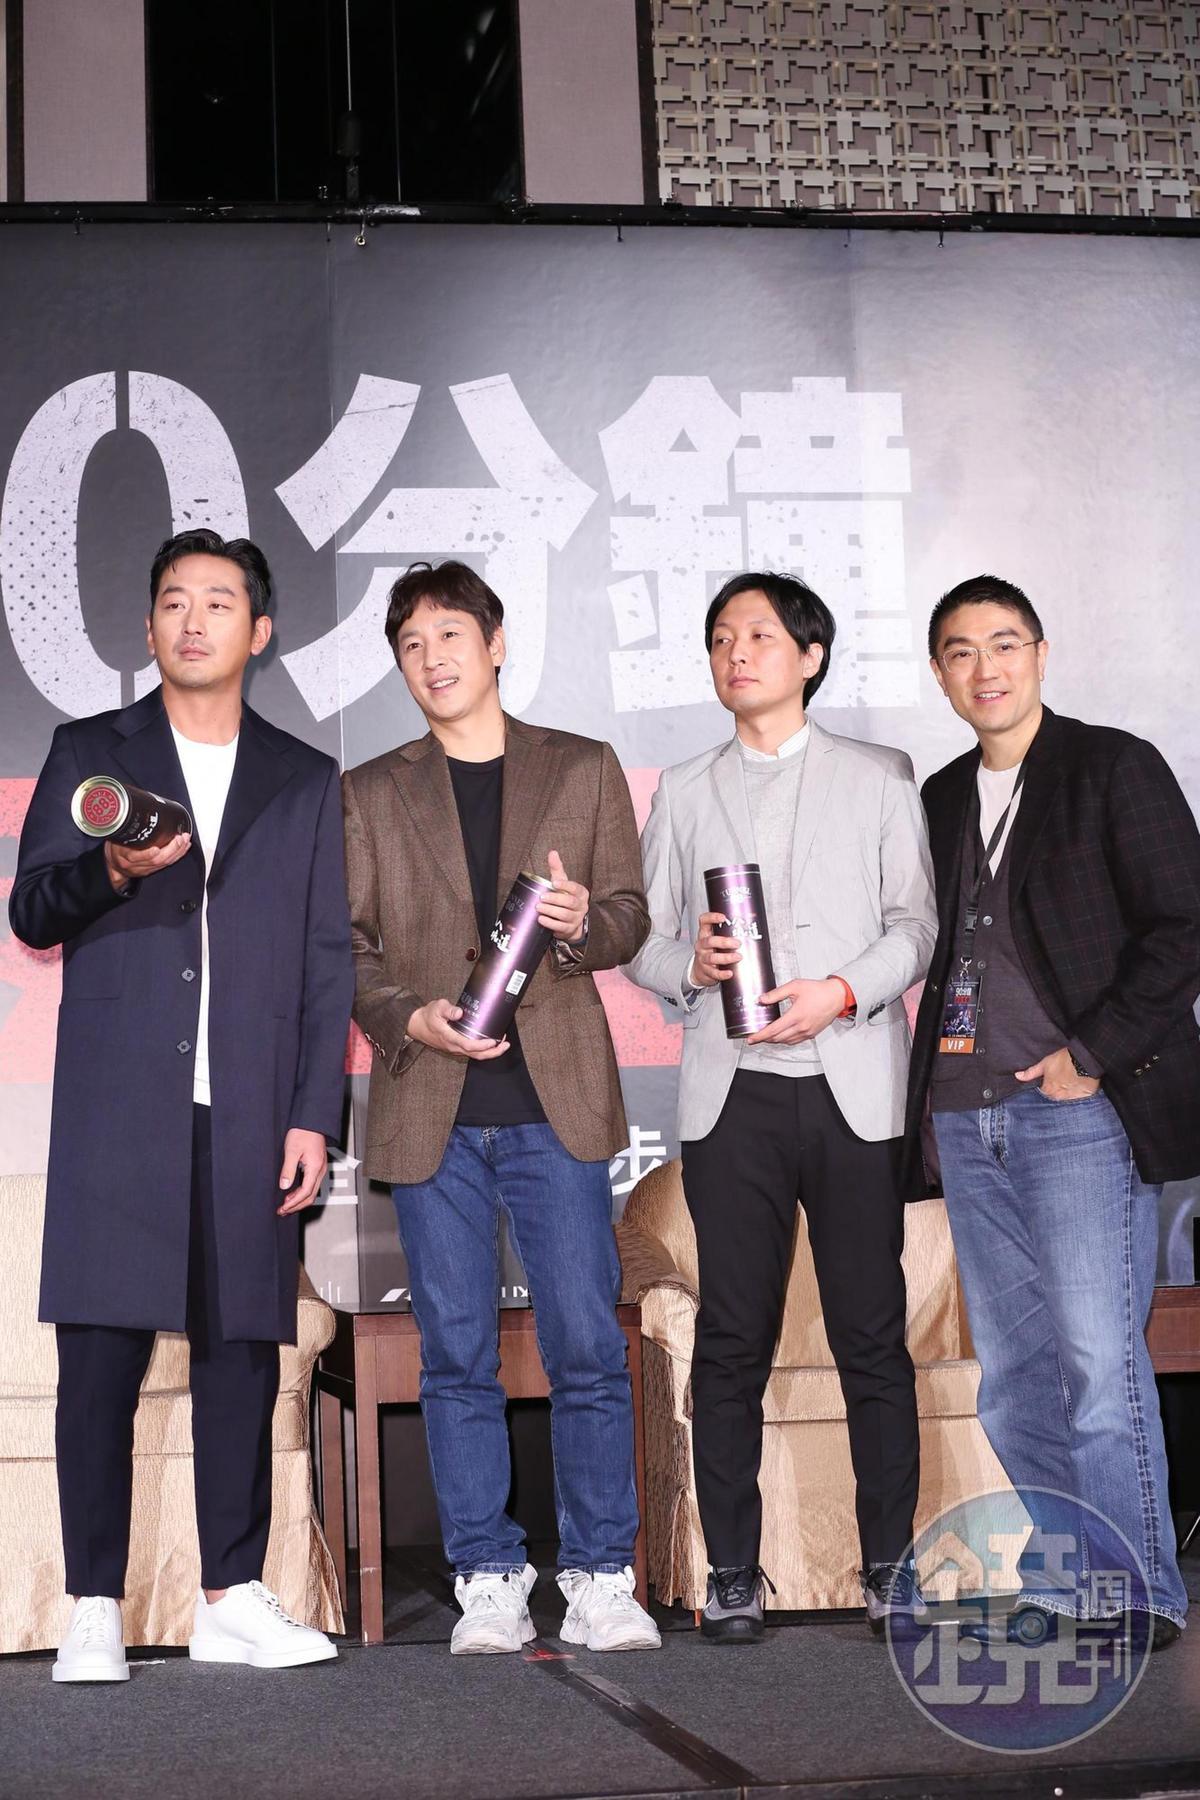 華聯國際董事長謝國樑特地送上高粱祝賀,喜歡酒的兩位演員超開心。